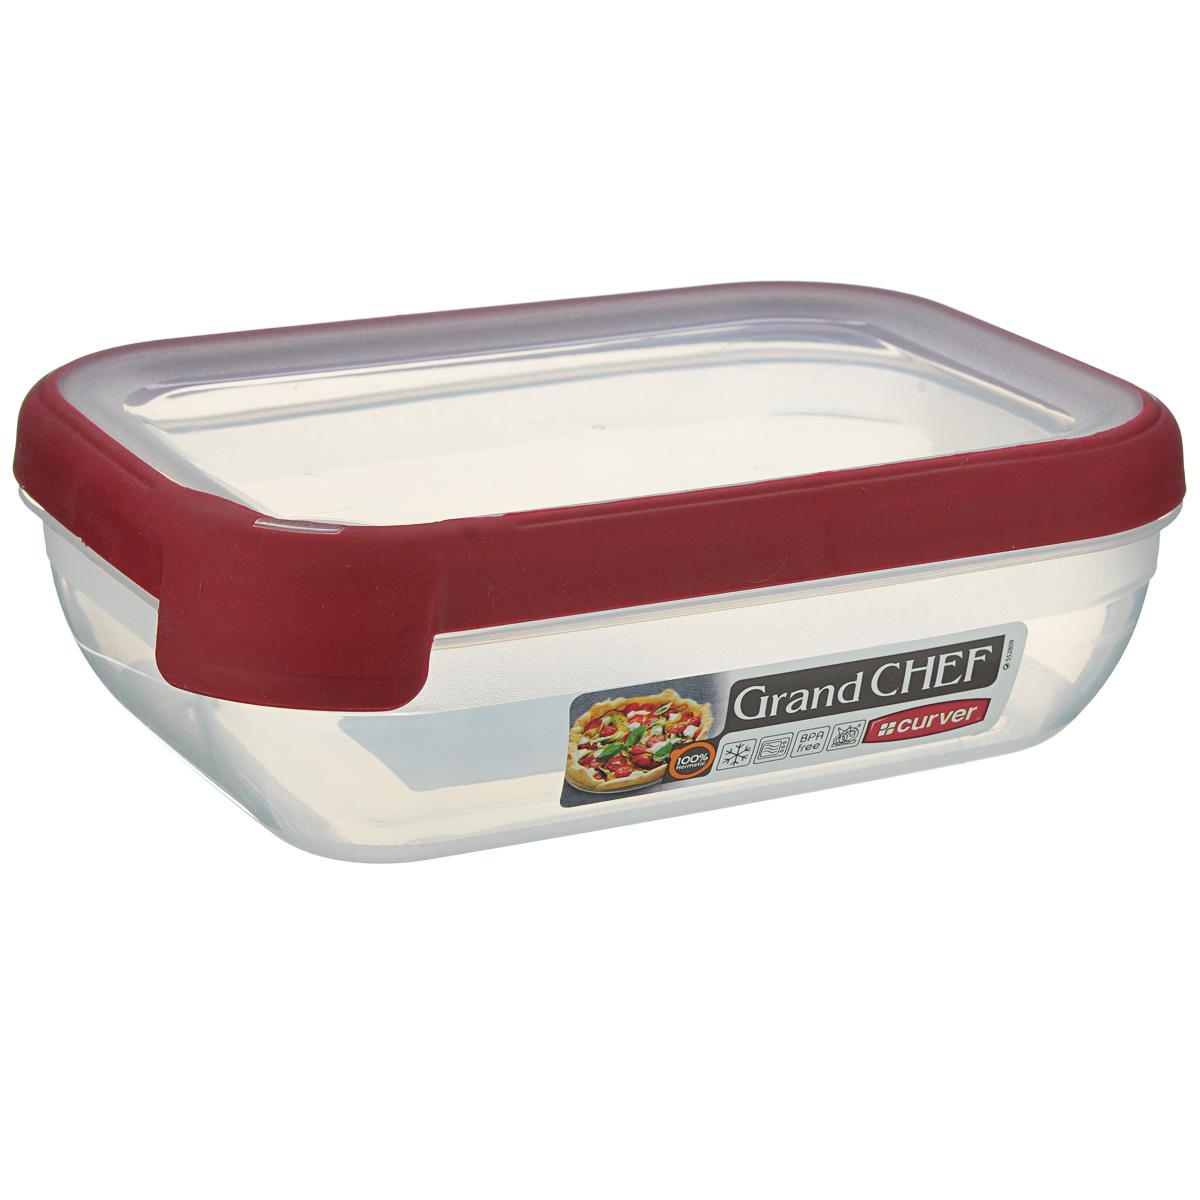 Емкость для заморозки и СВЧ Curver Grand Chef, цвет: бордовый, 1,2 л контейнер для продуктов curver grand chef 2 6 л серая крышка